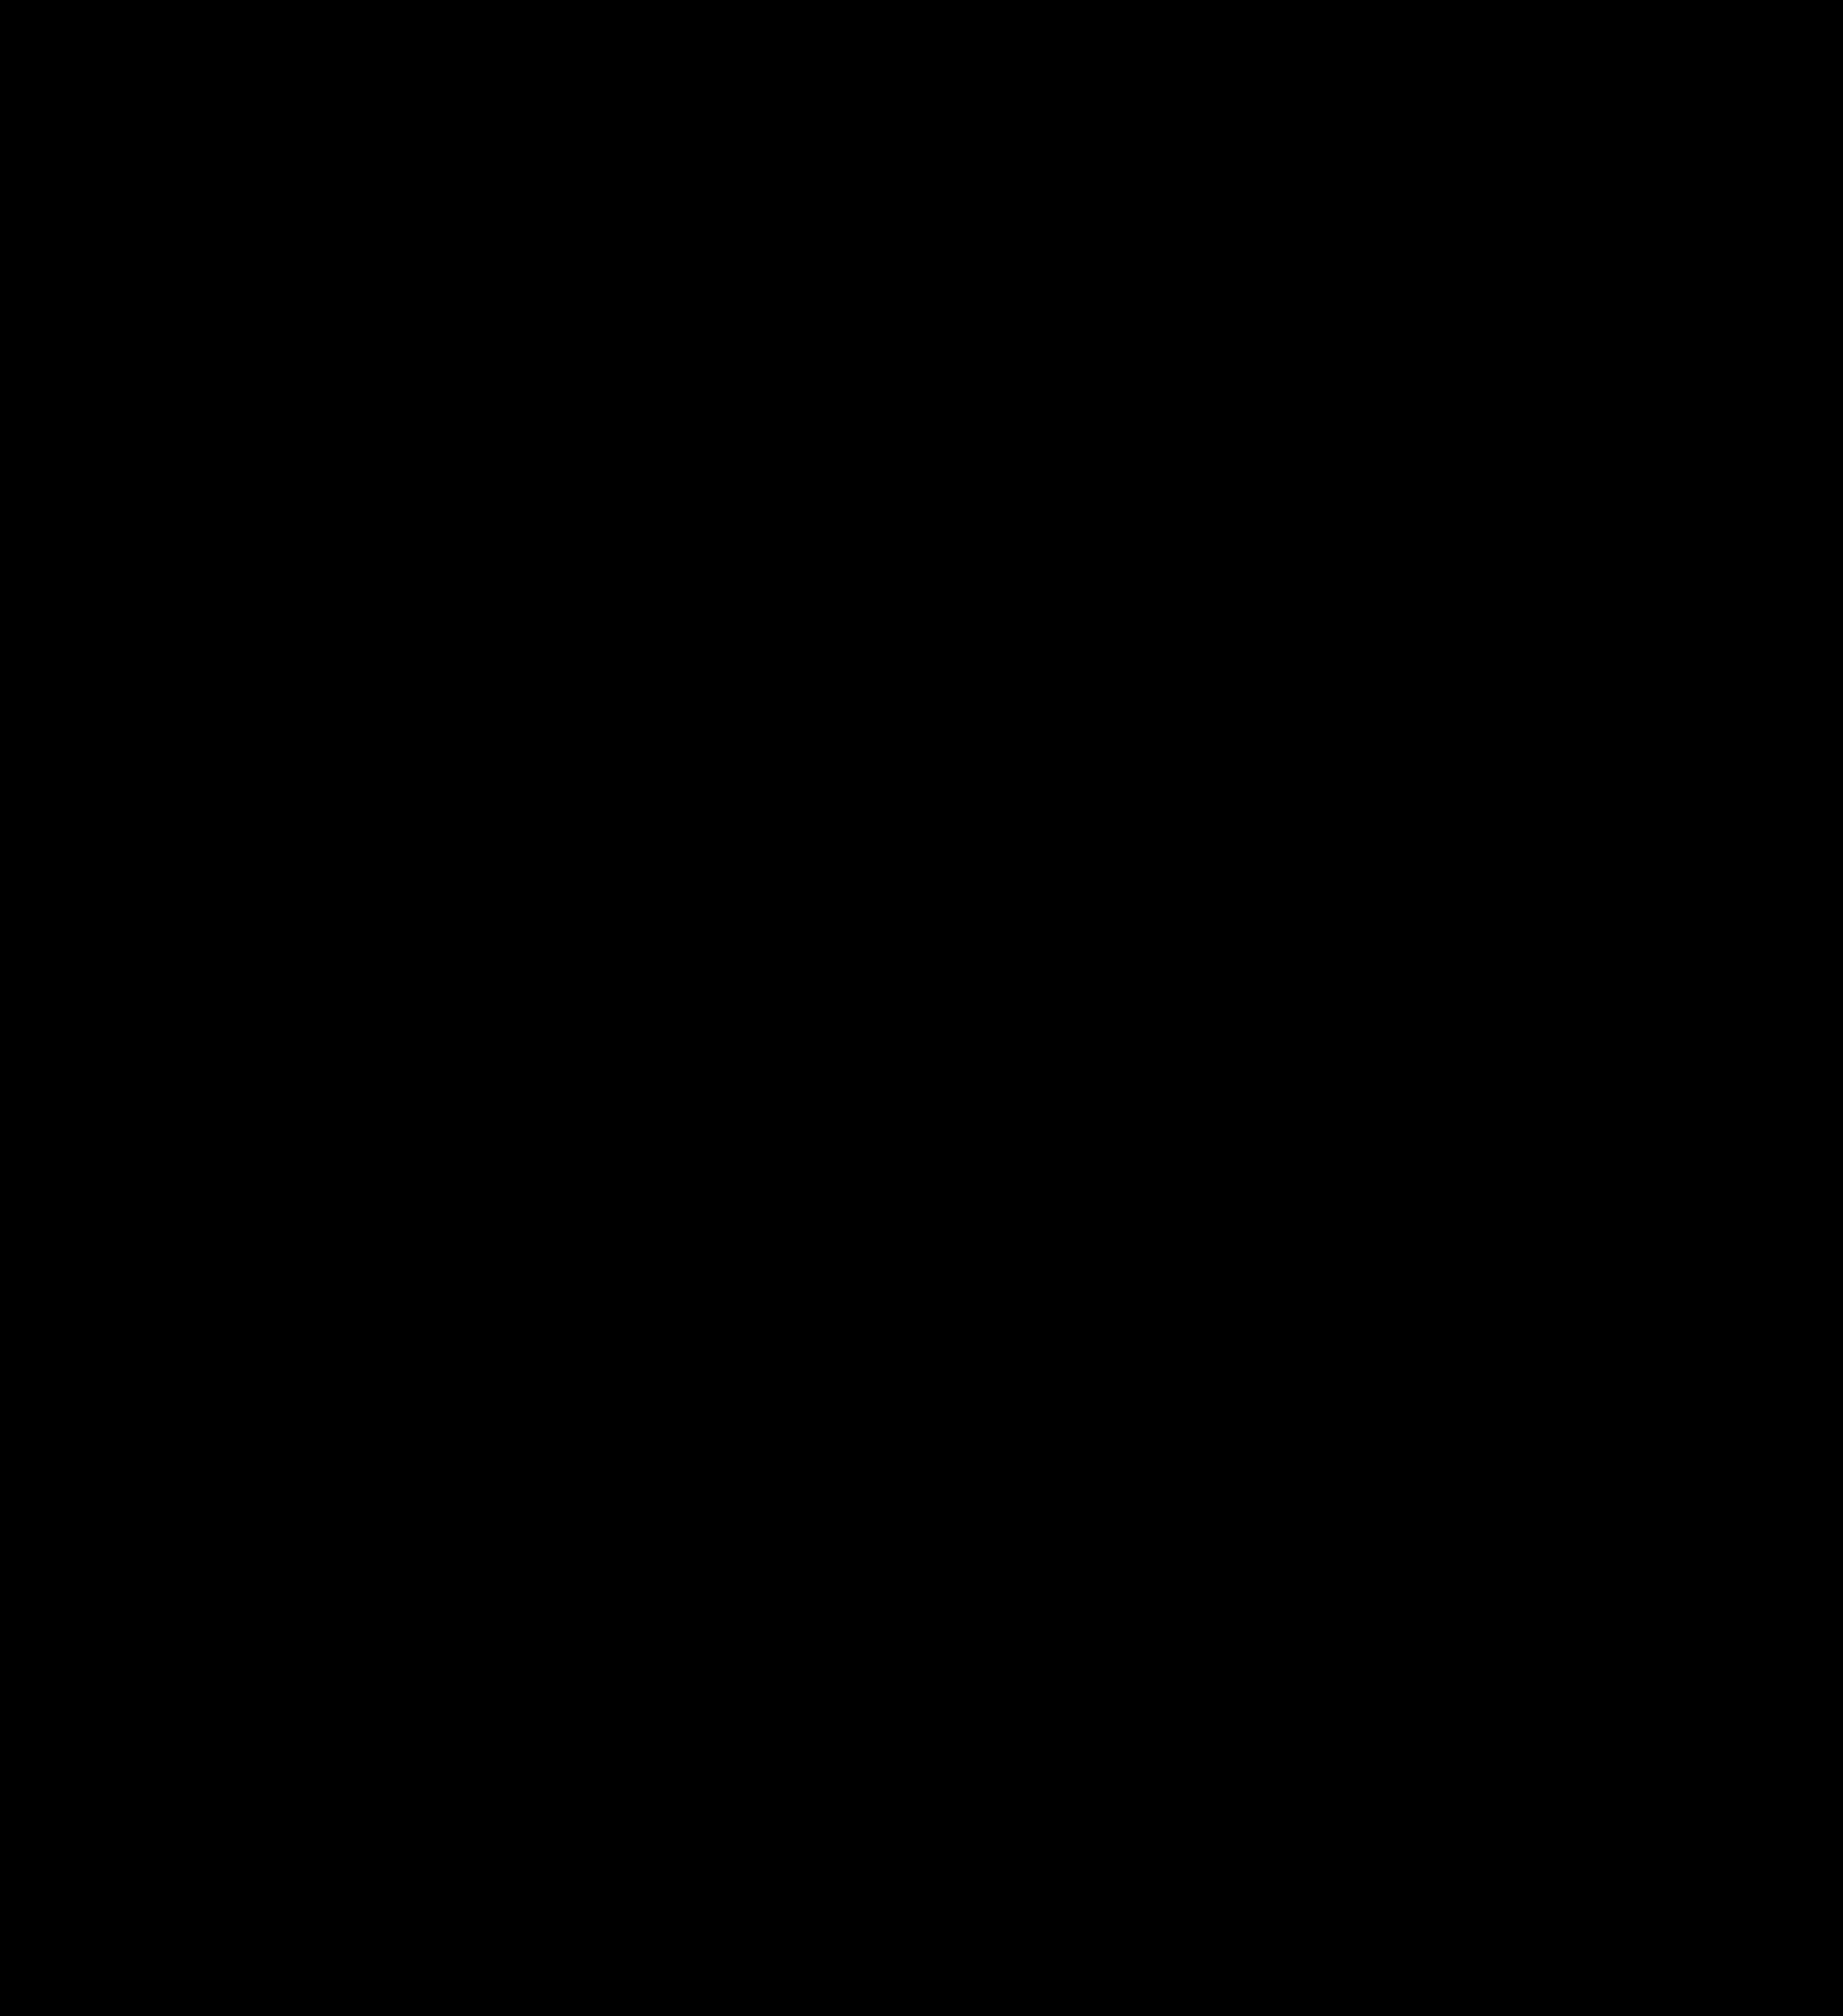 Yoga HD PNG - 116911